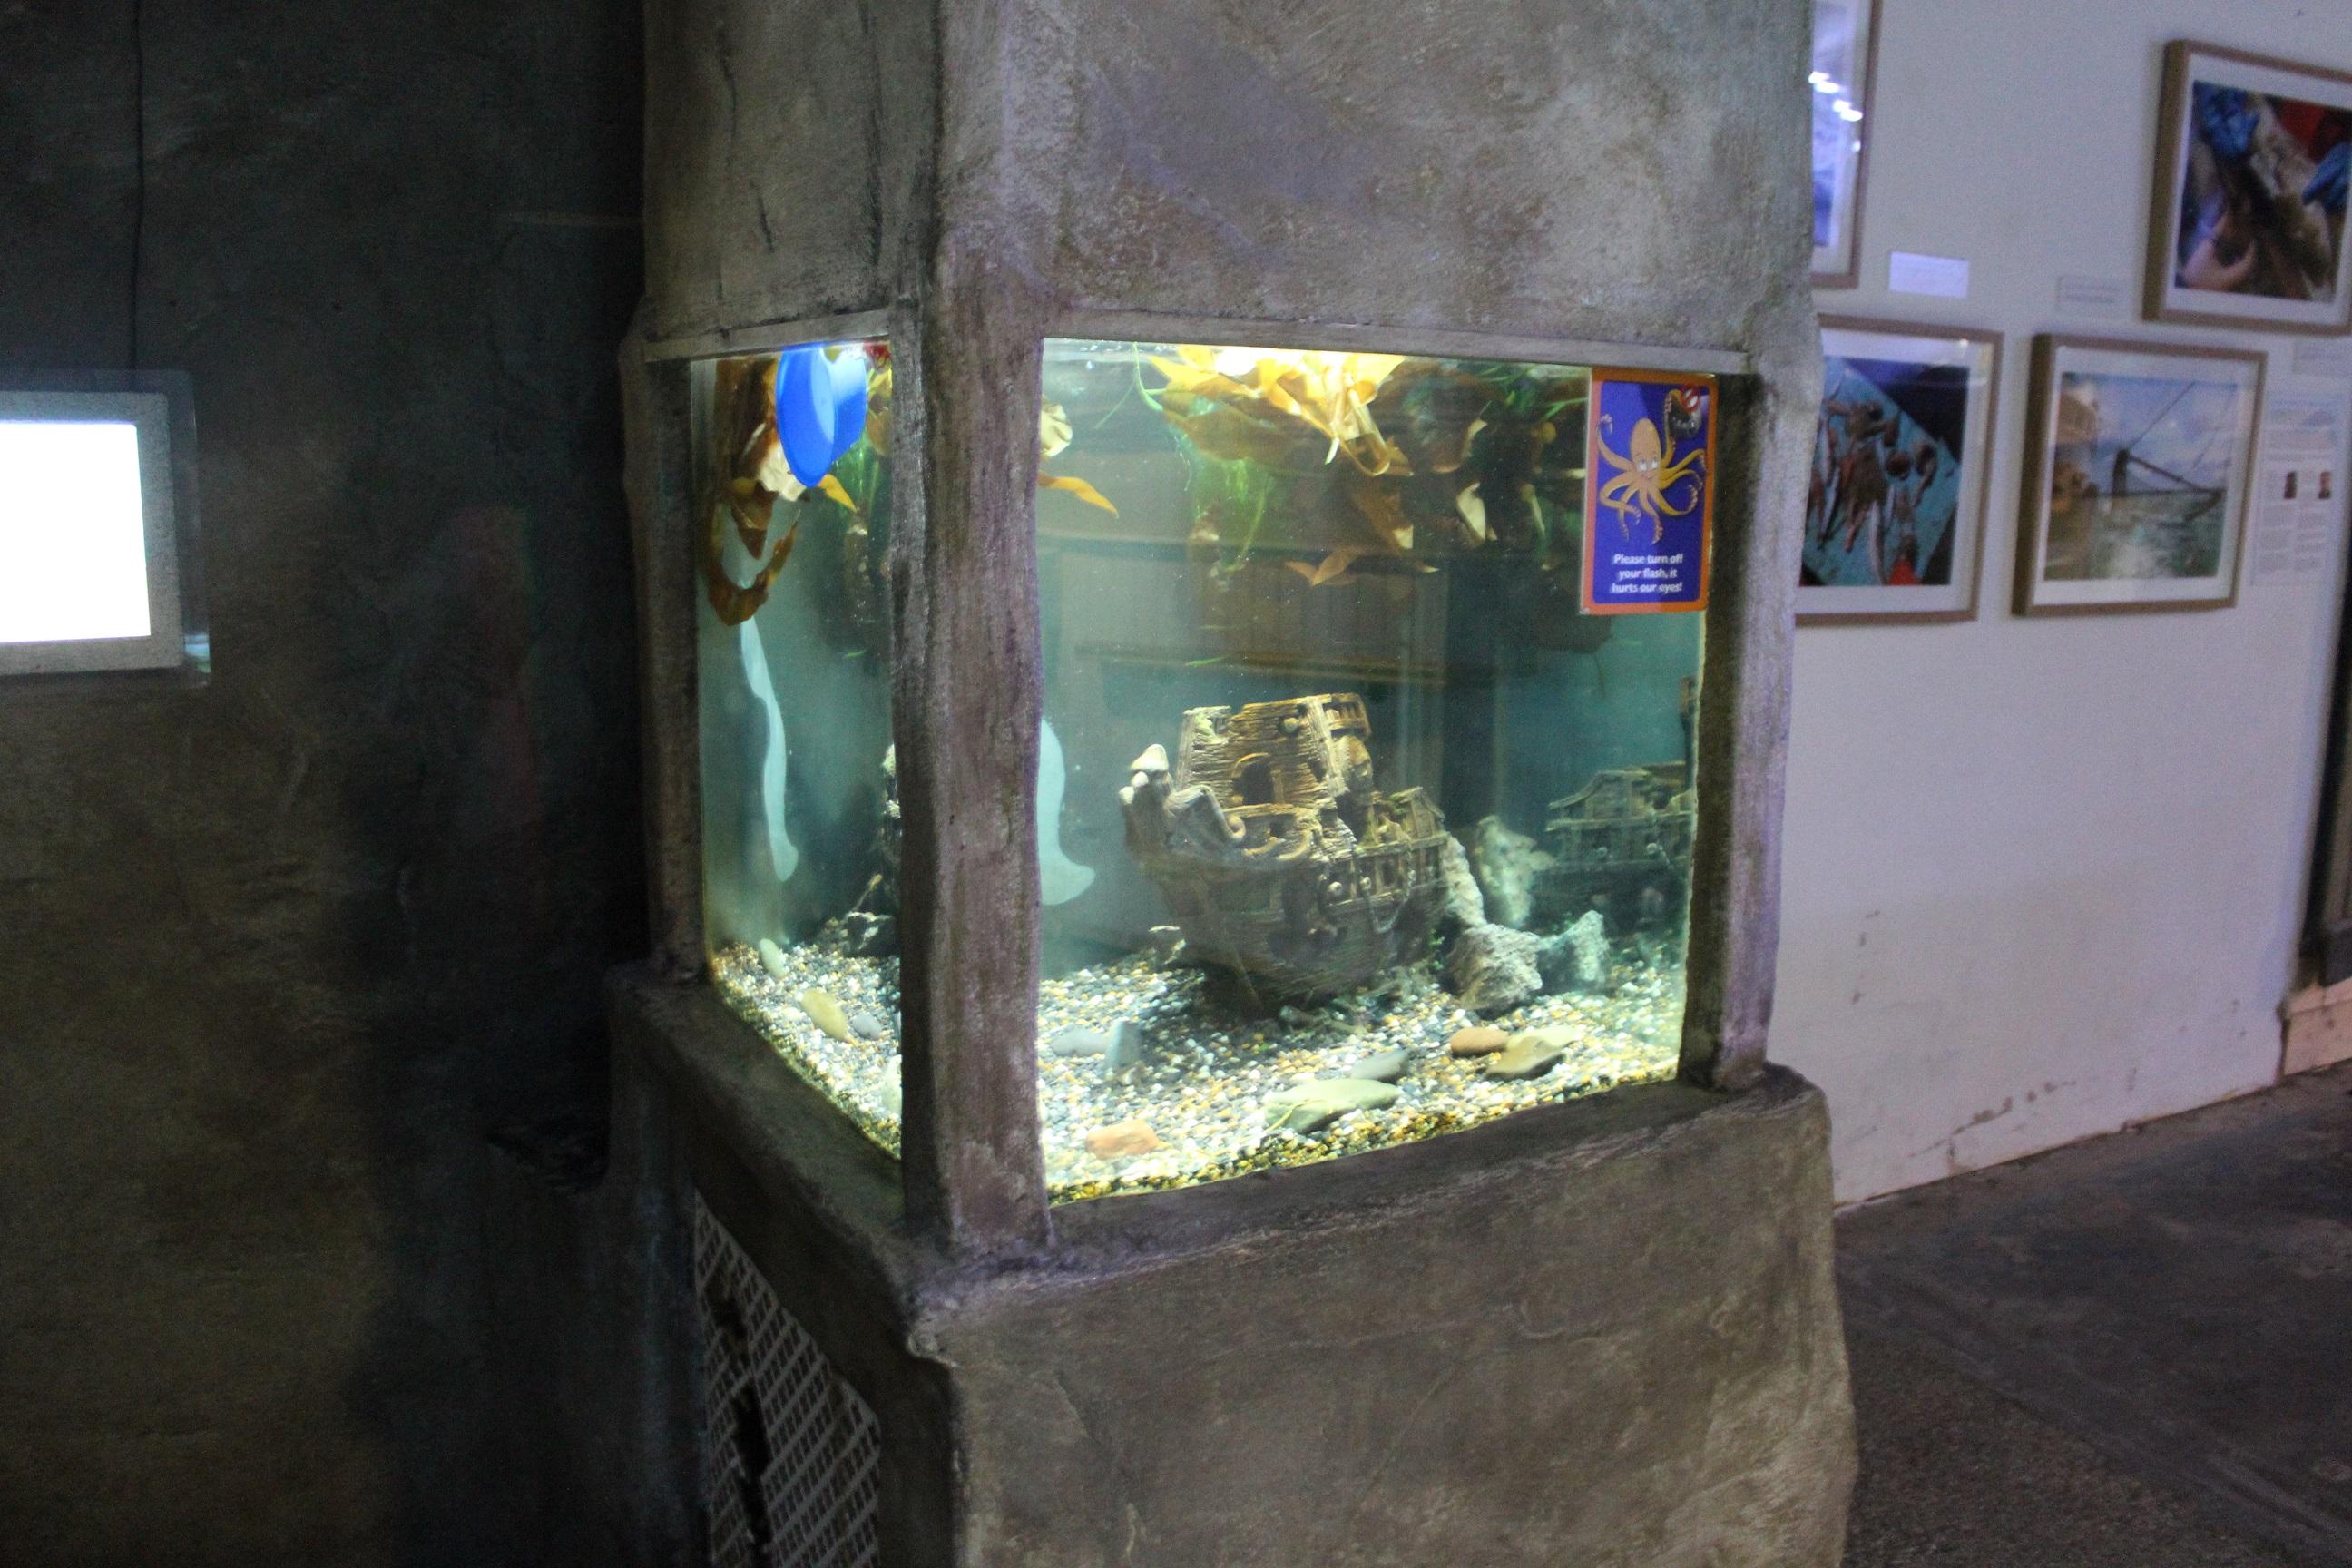 Case study: Octopus exhibits - Sea Lies